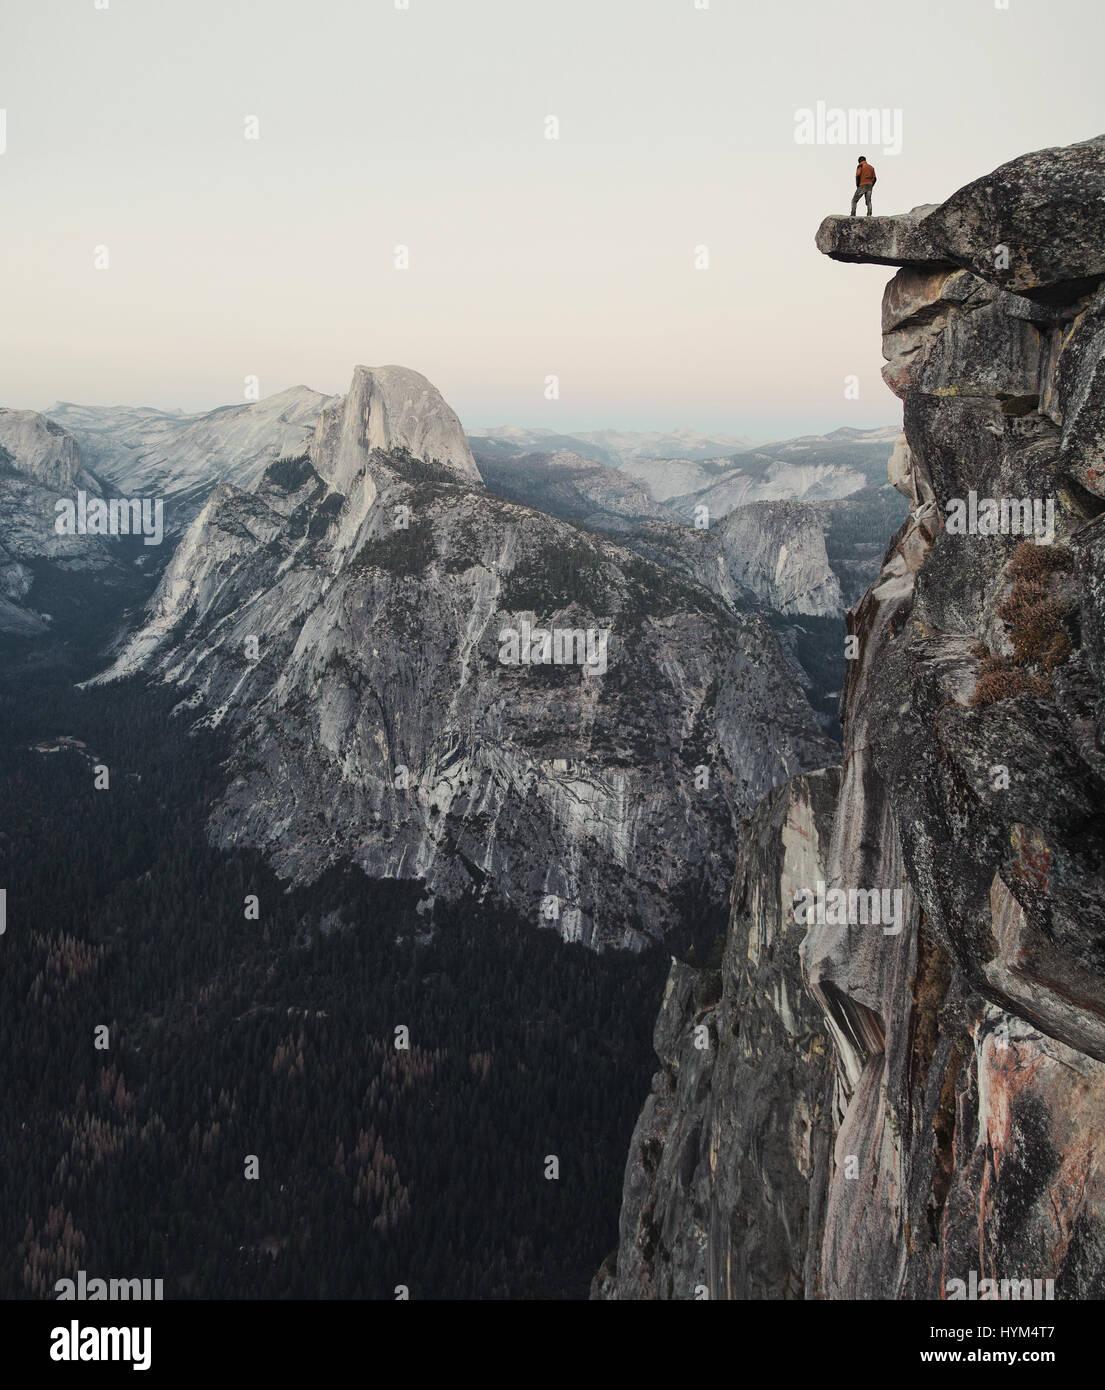 Un intrépido caminante está de pie sobre una roca que sobresale disfrutando de la vista hacia el famoso Imagen De Stock